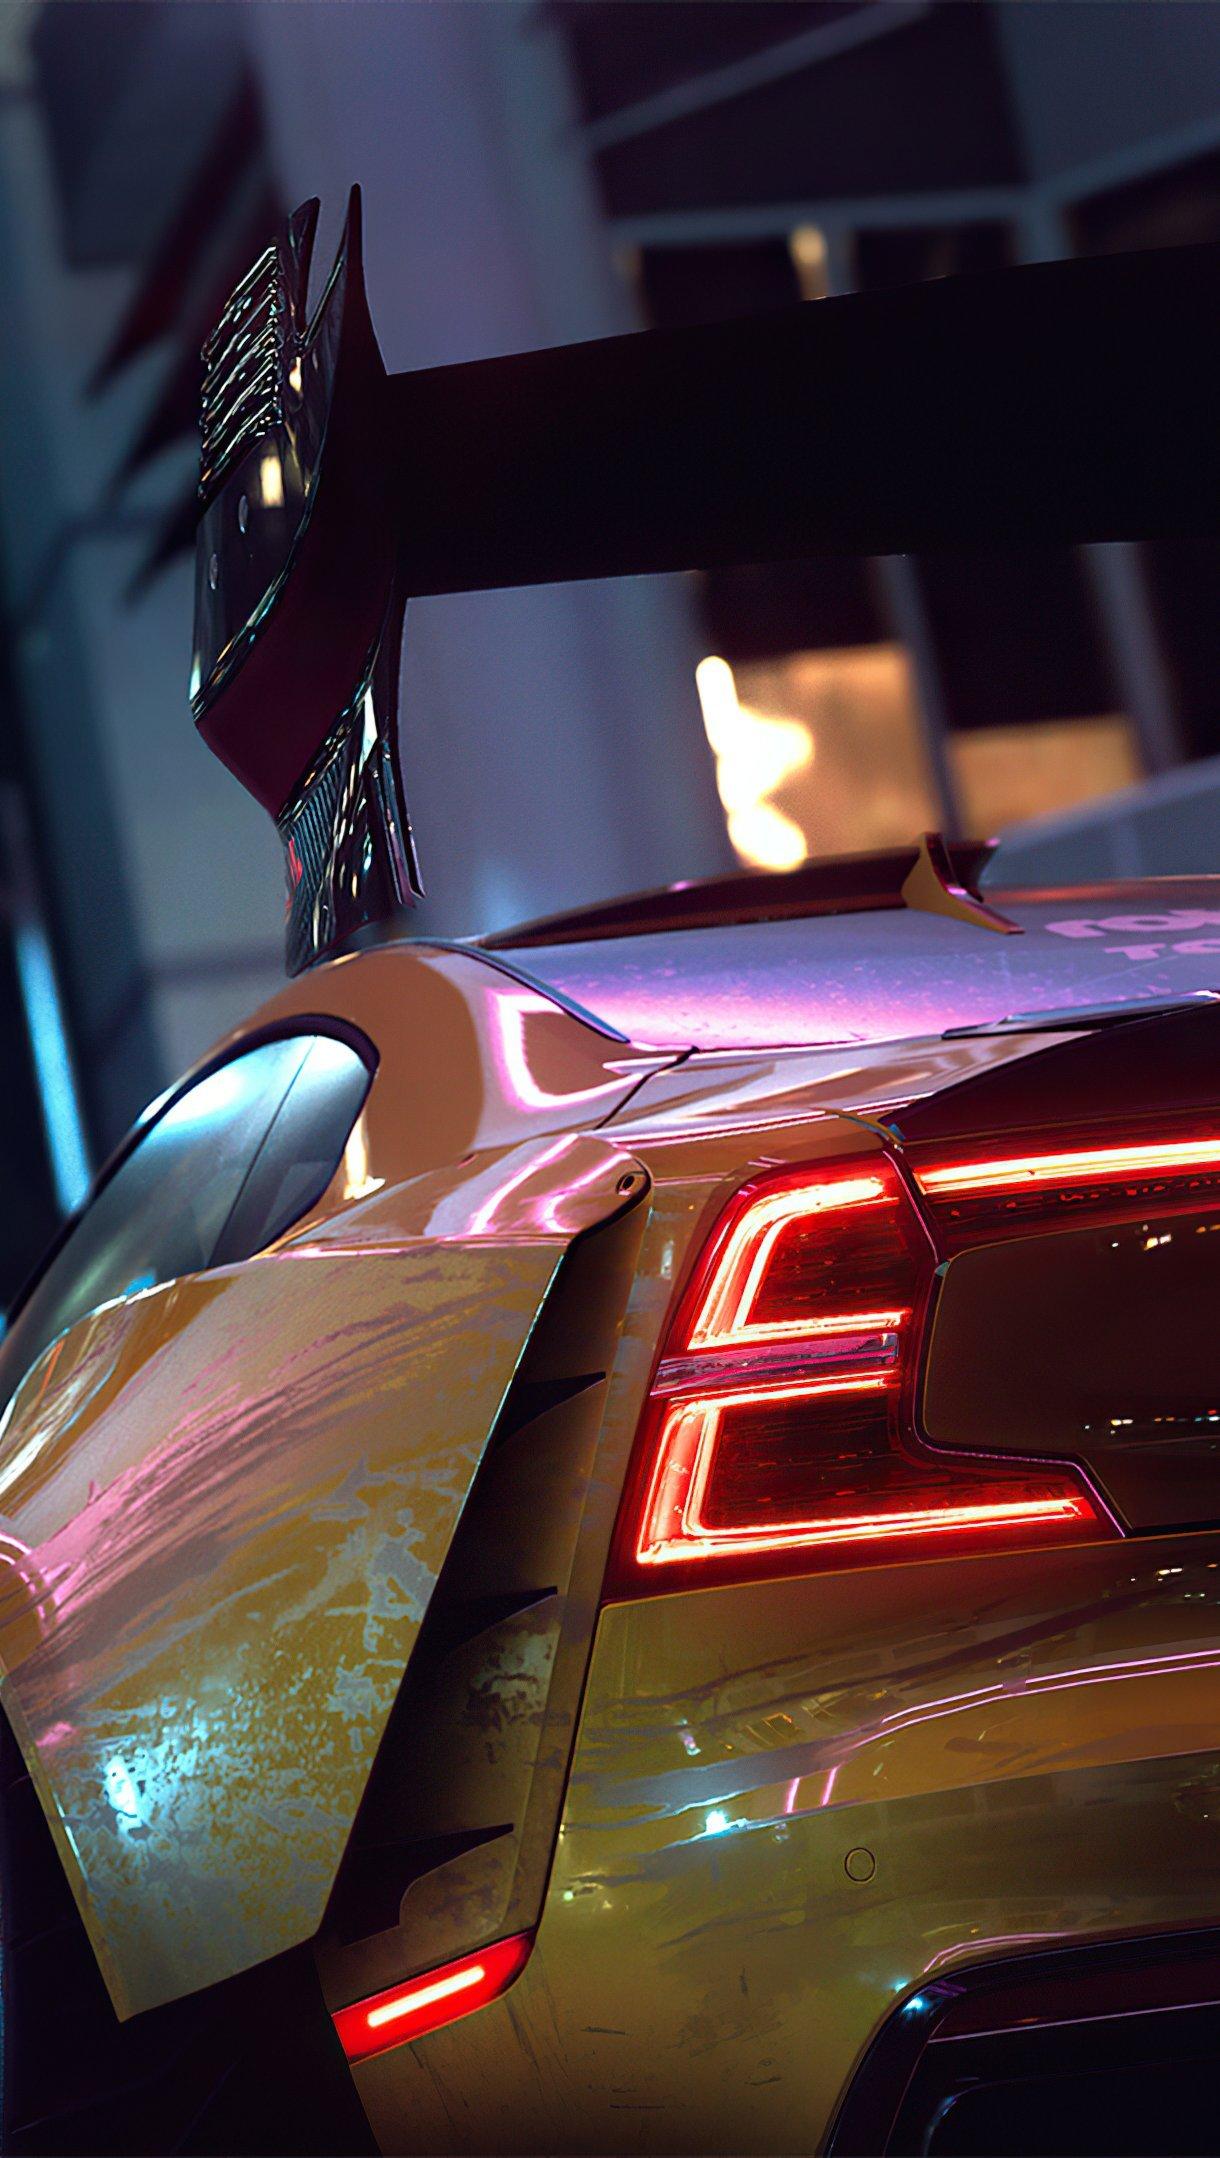 Wallpaper NFS heat car Vertical